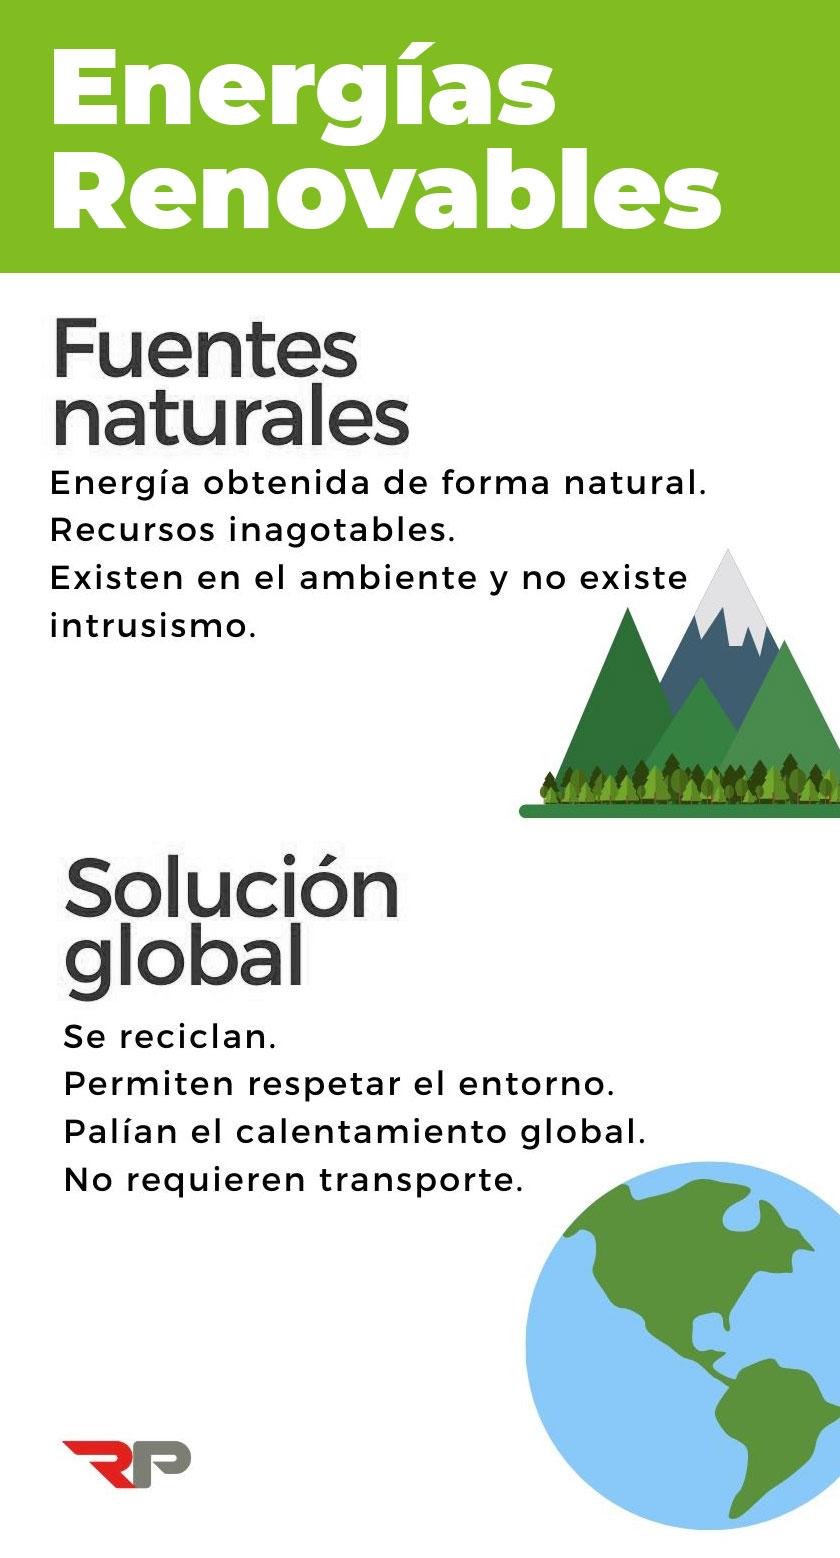 Energías renovables solución global